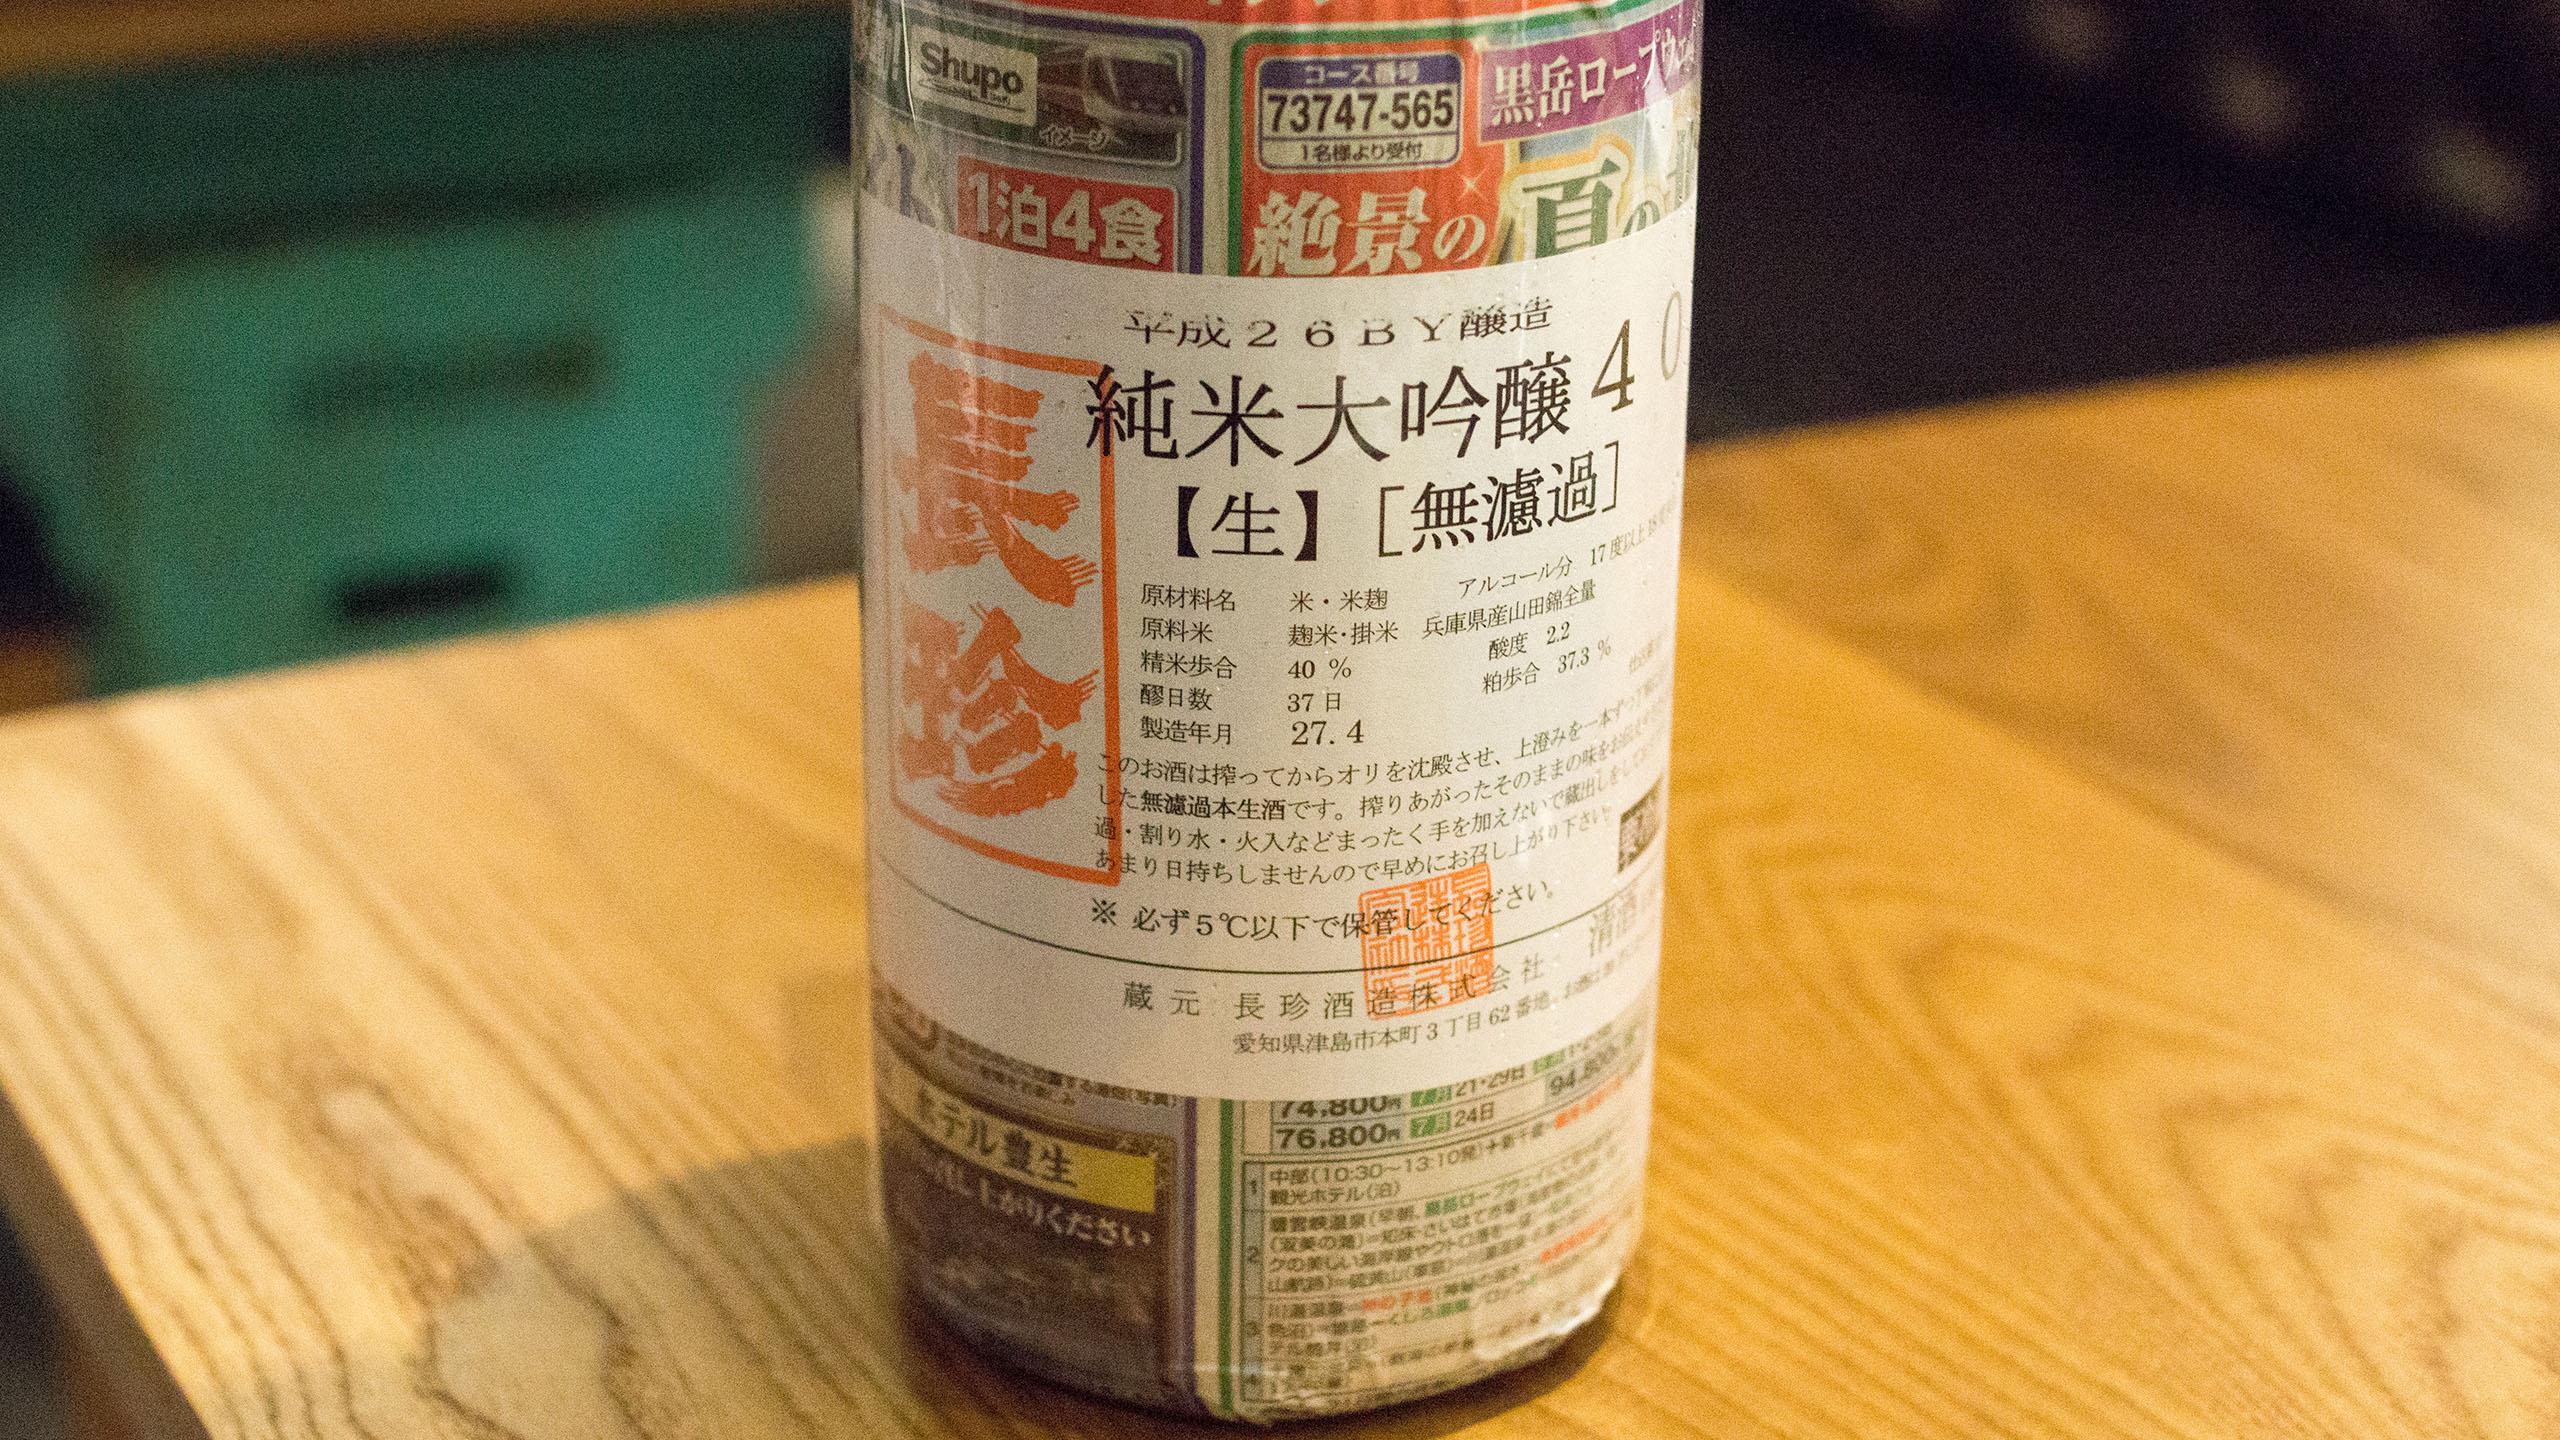 쵸진 쥰마이다이긴죠 신분시 40 무로카나마